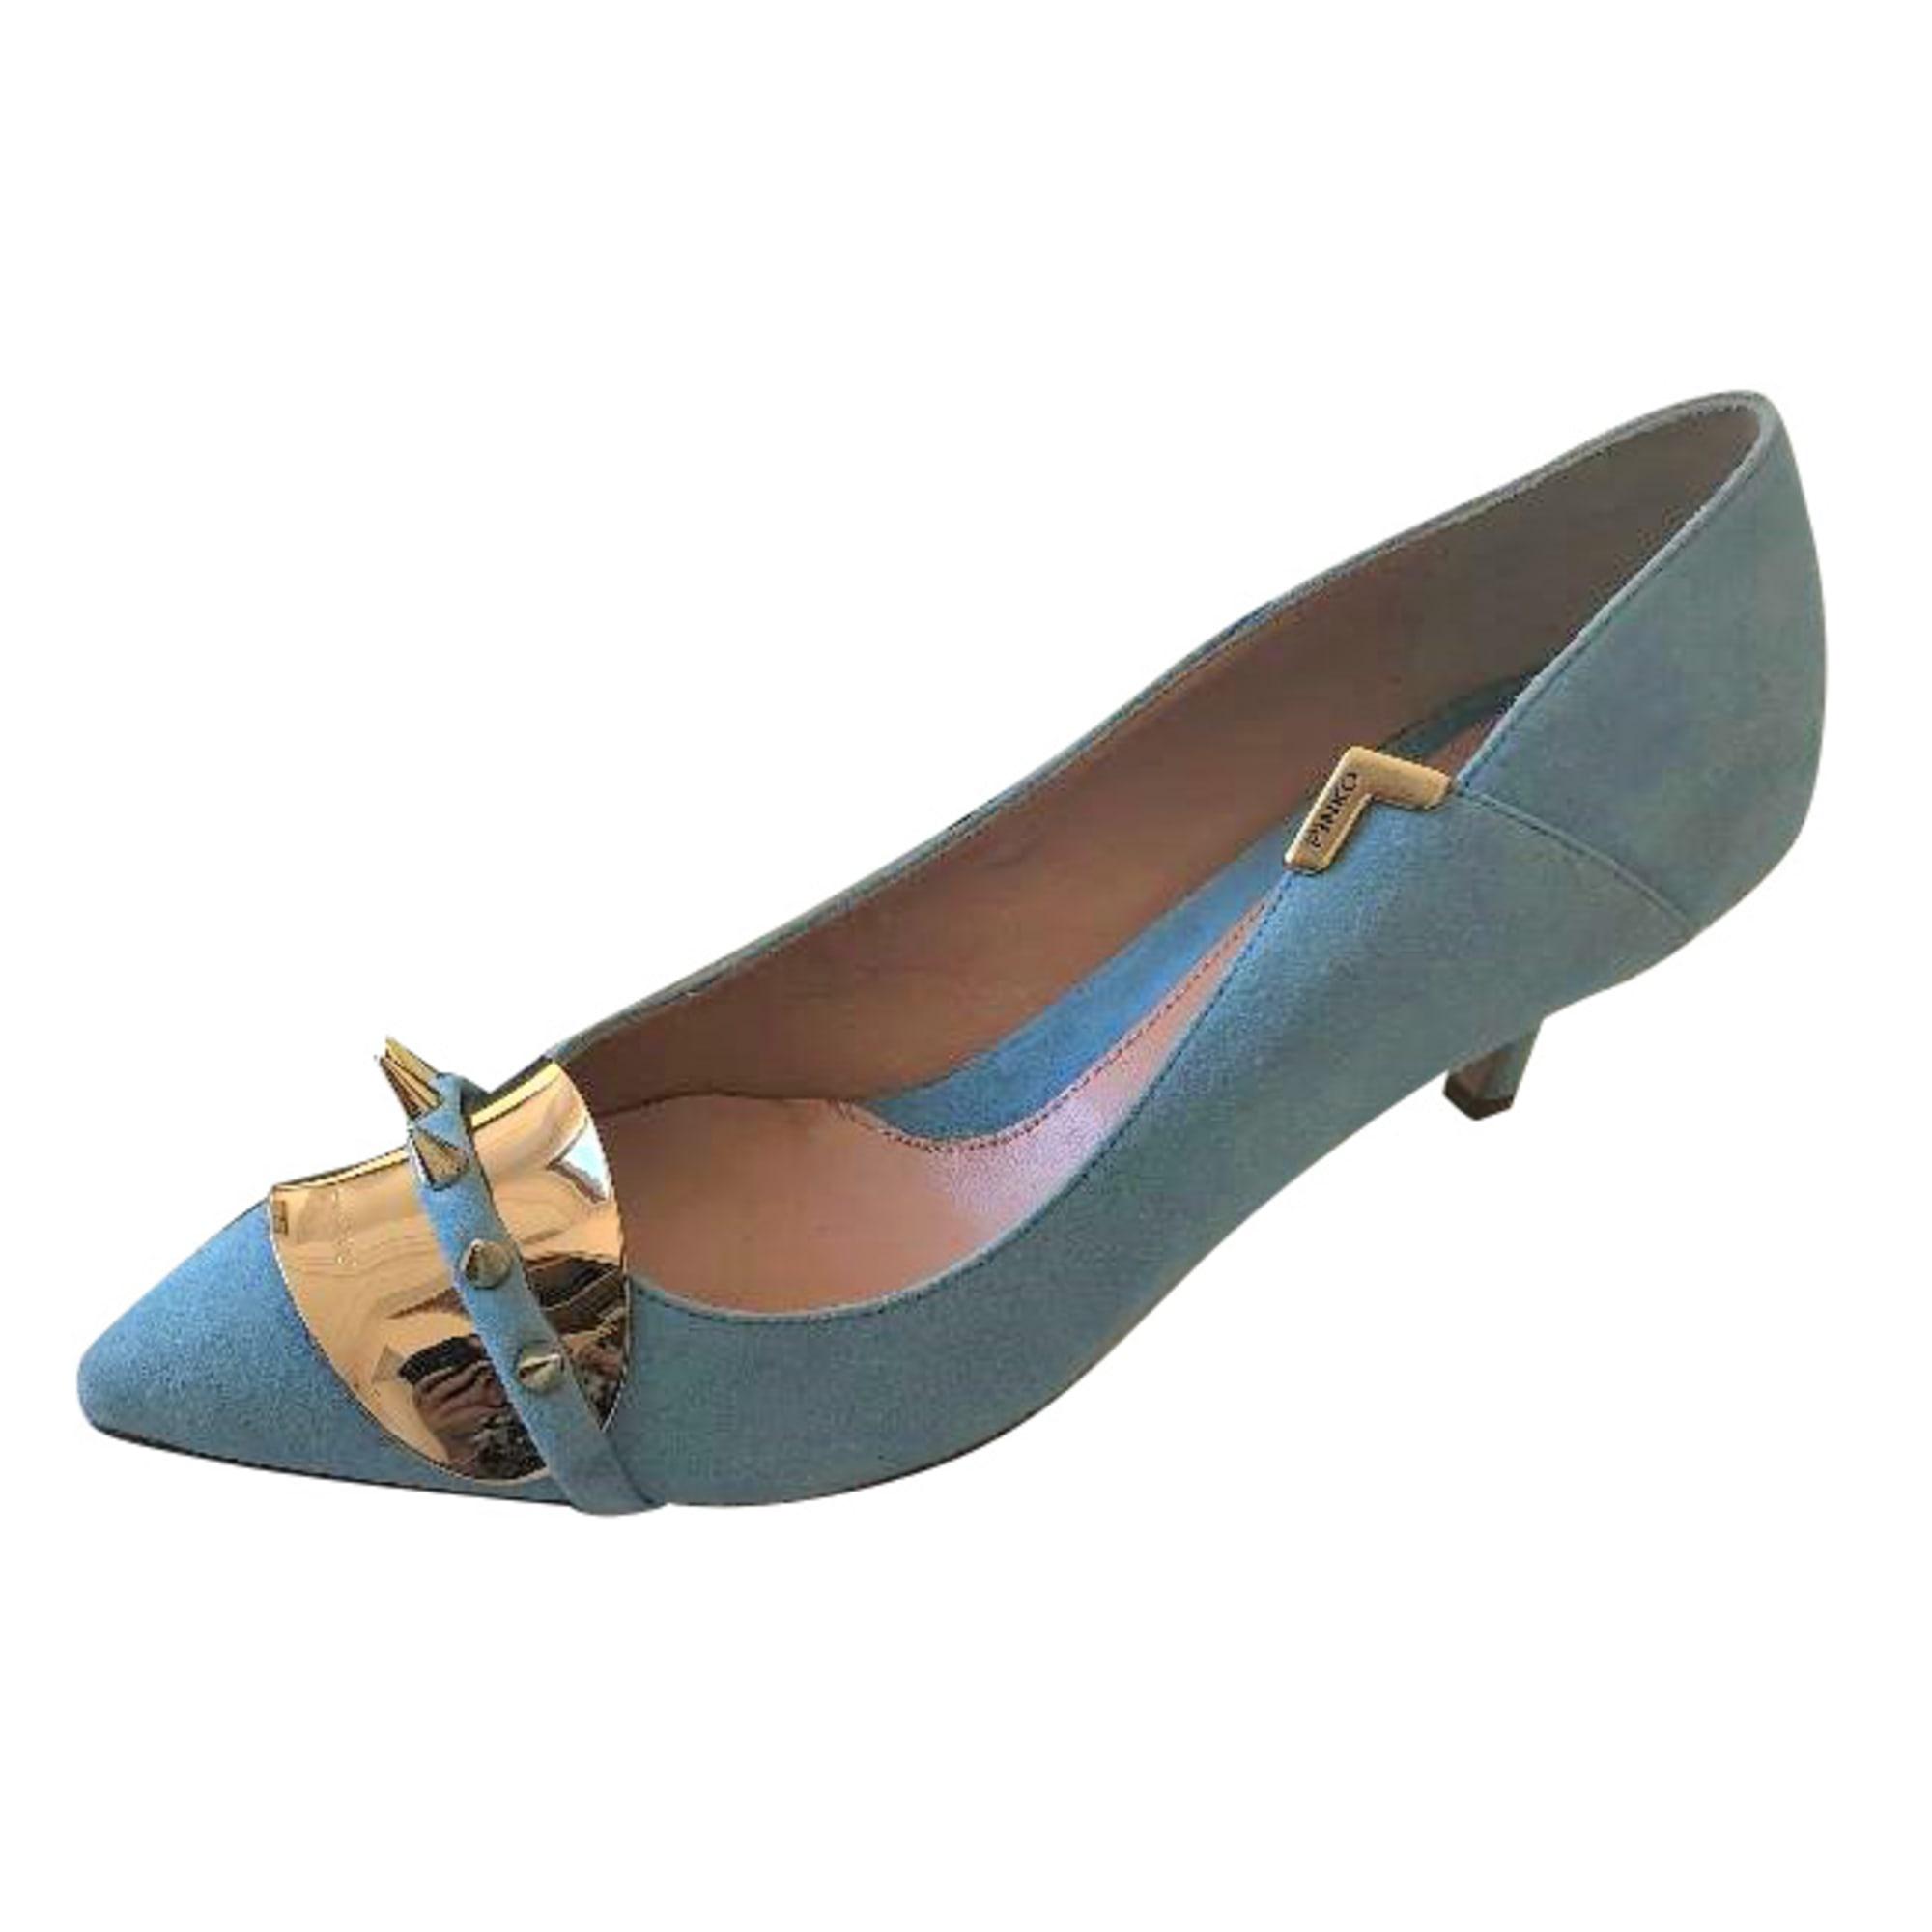 Salomés PINKO Bleu, bleu marine, bleu turquoise